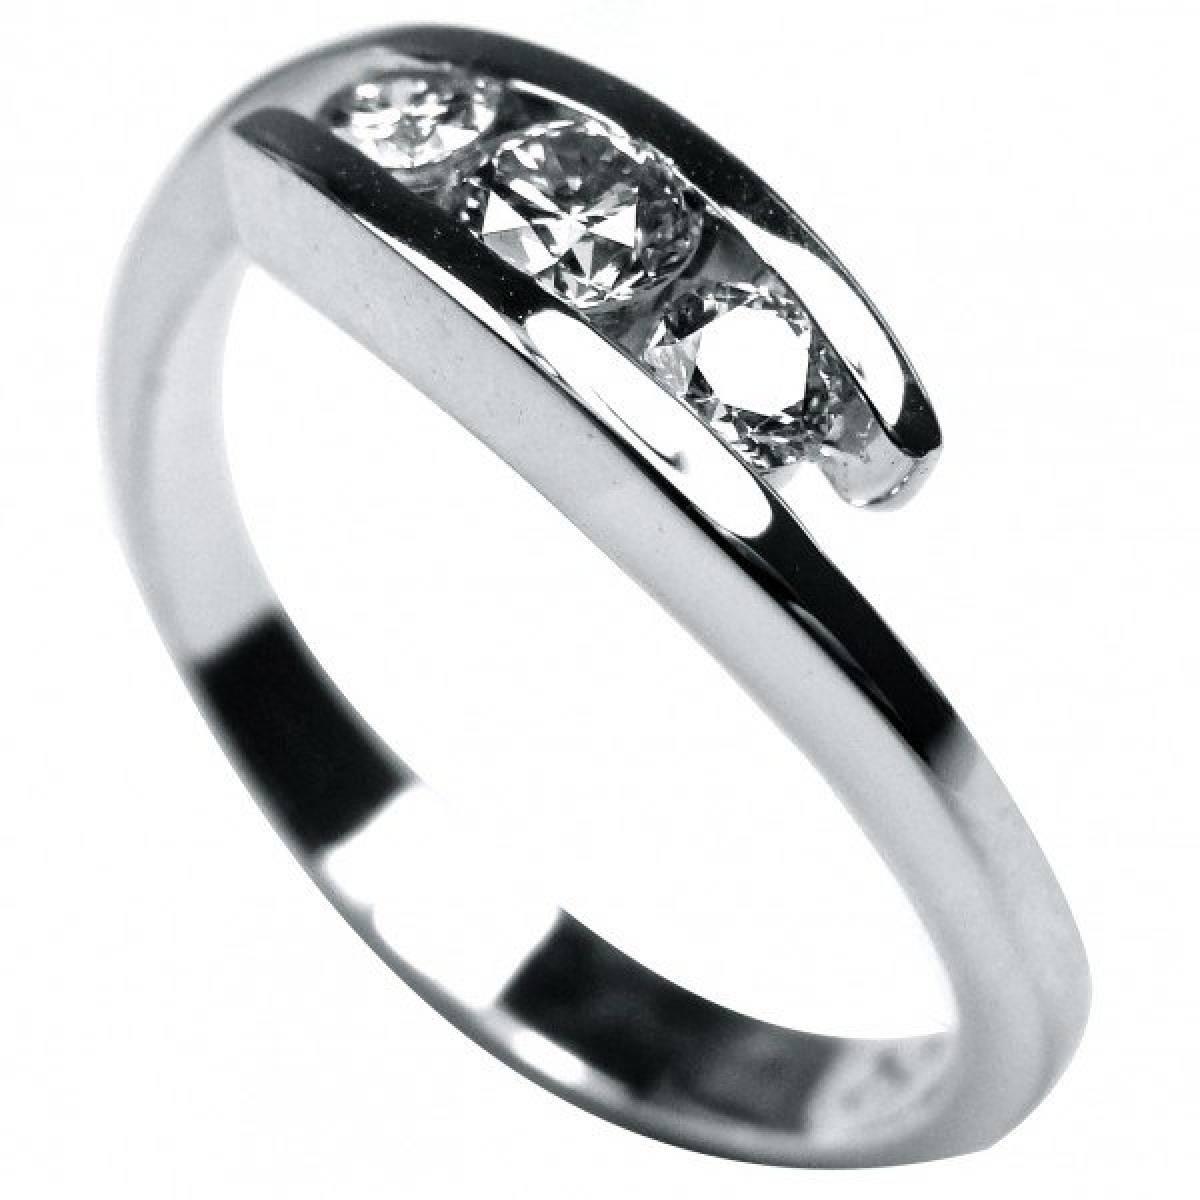 Anel de Noivado em ouro de 19,2 kts, com diamantes ou zircónias